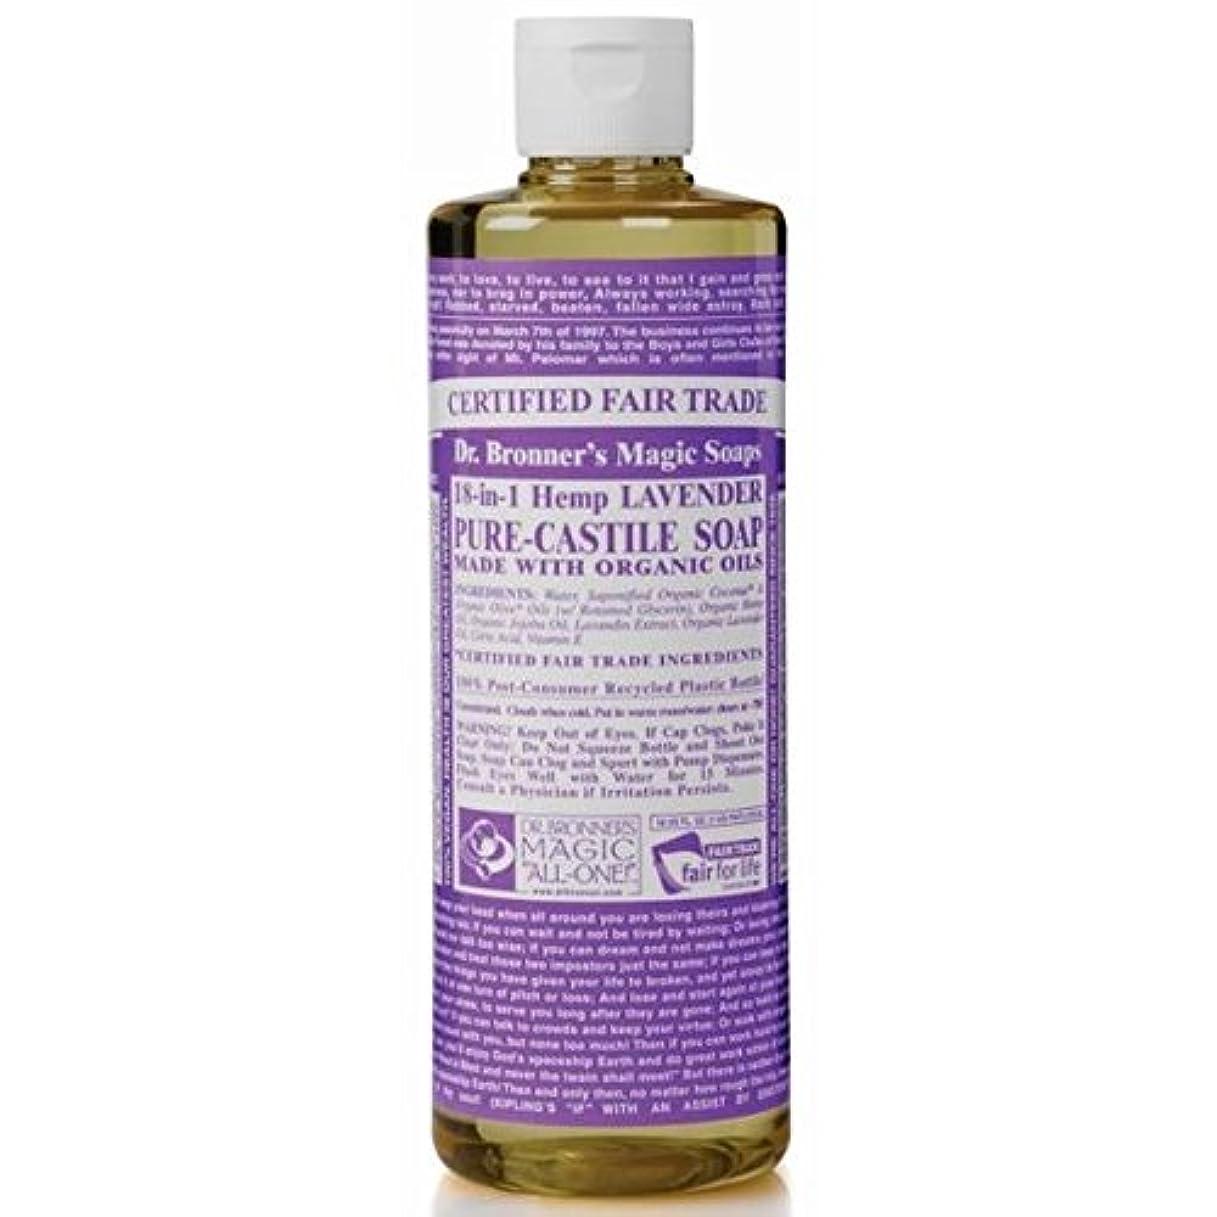 破裂挑発する苦味のブロナー有機ラベンダーカスティーリャ液体石鹸237ミリリットル x2 - Dr Bronner Organic Lavender Castile Liquid Soap 237ml (Pack of 2) [並行輸入品]